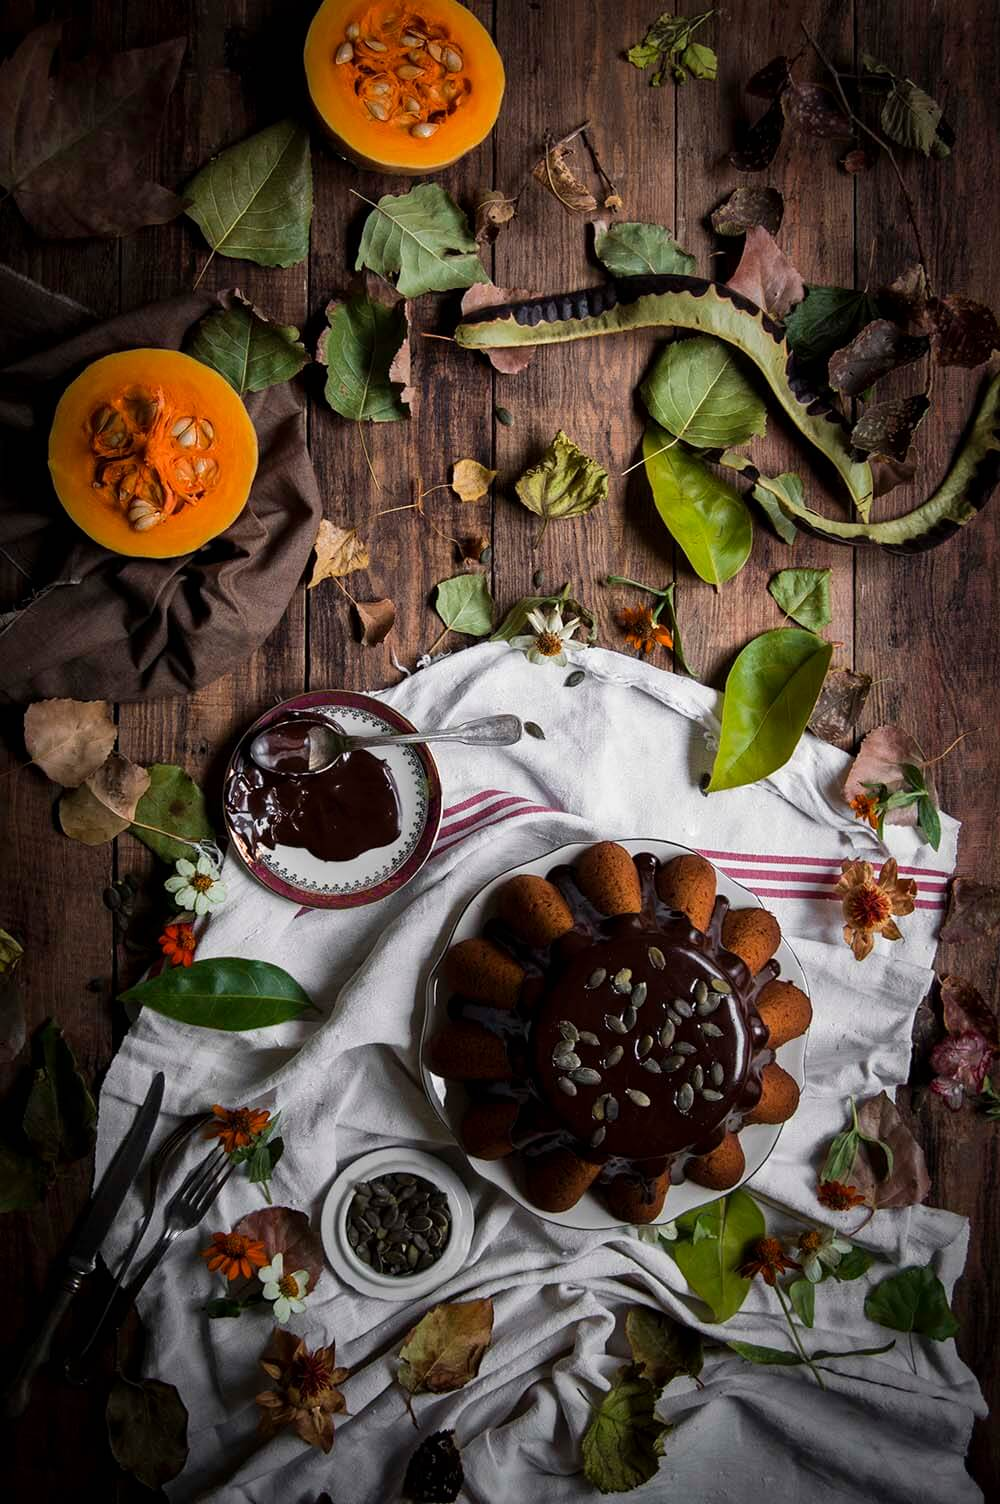 receta de bundt cake de calabaza con salsa de chocolate